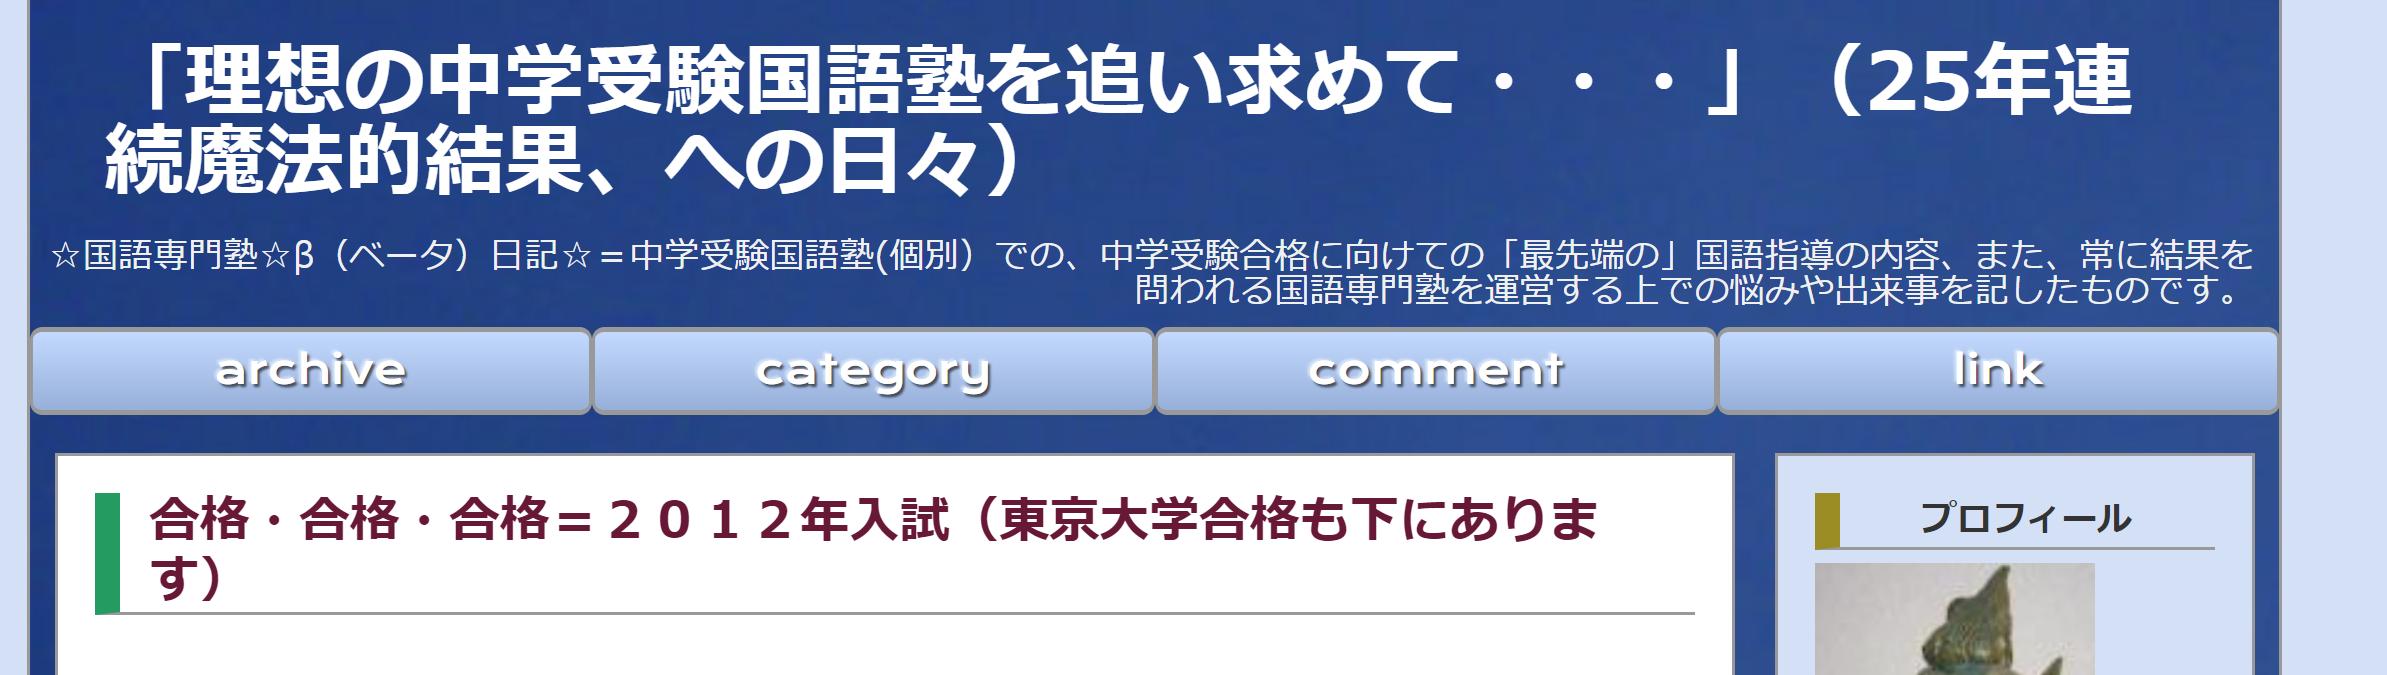 立山健吾 仮想通貨ABCプロジェクト4